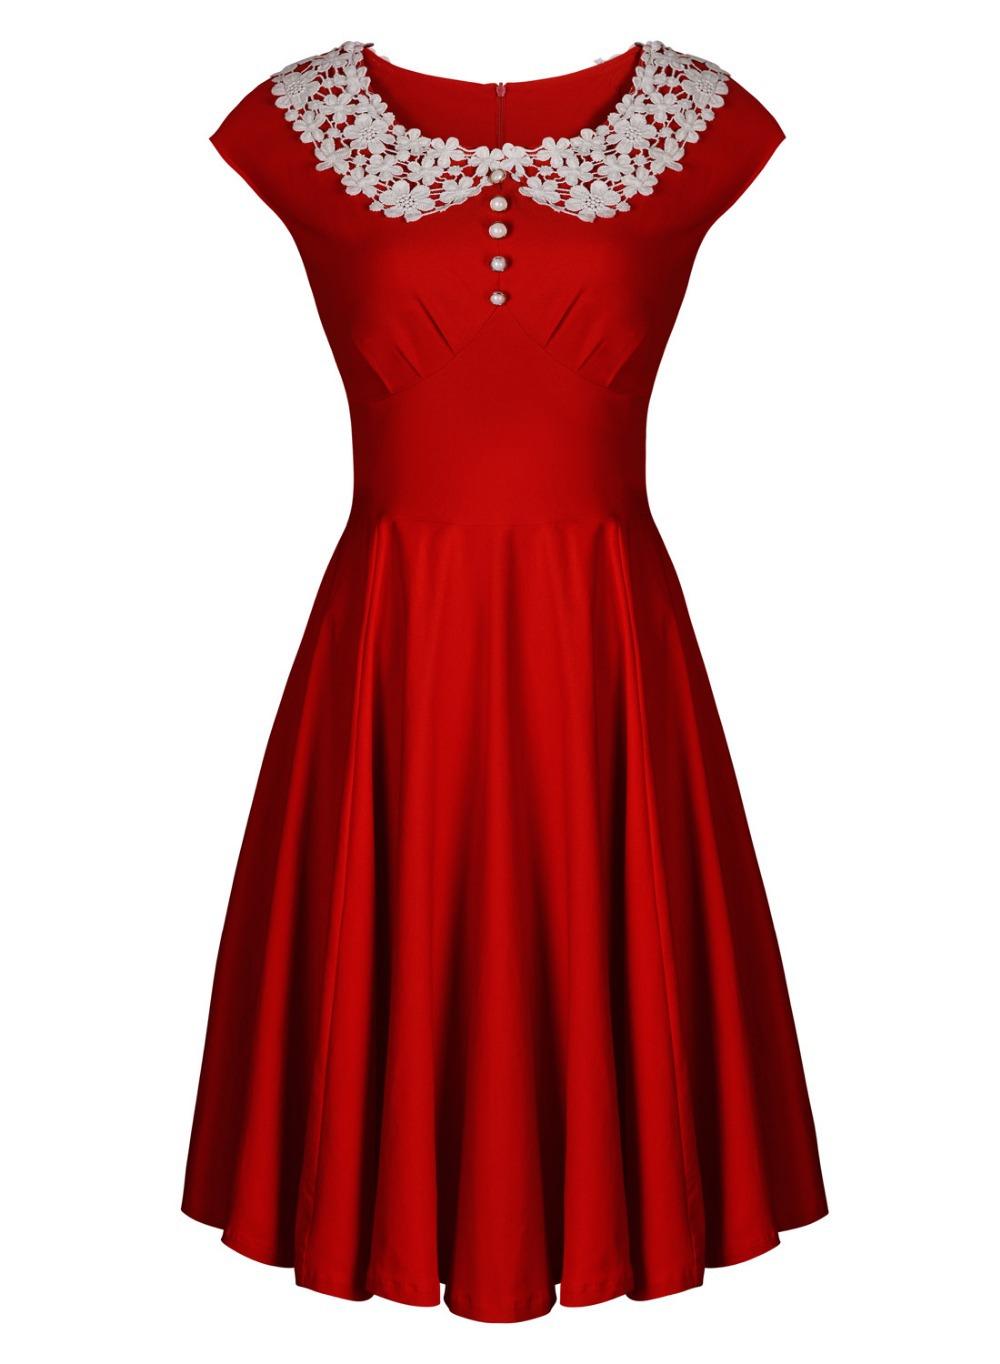 Cocktail dress vs party dress 1940s - Dress buy usa